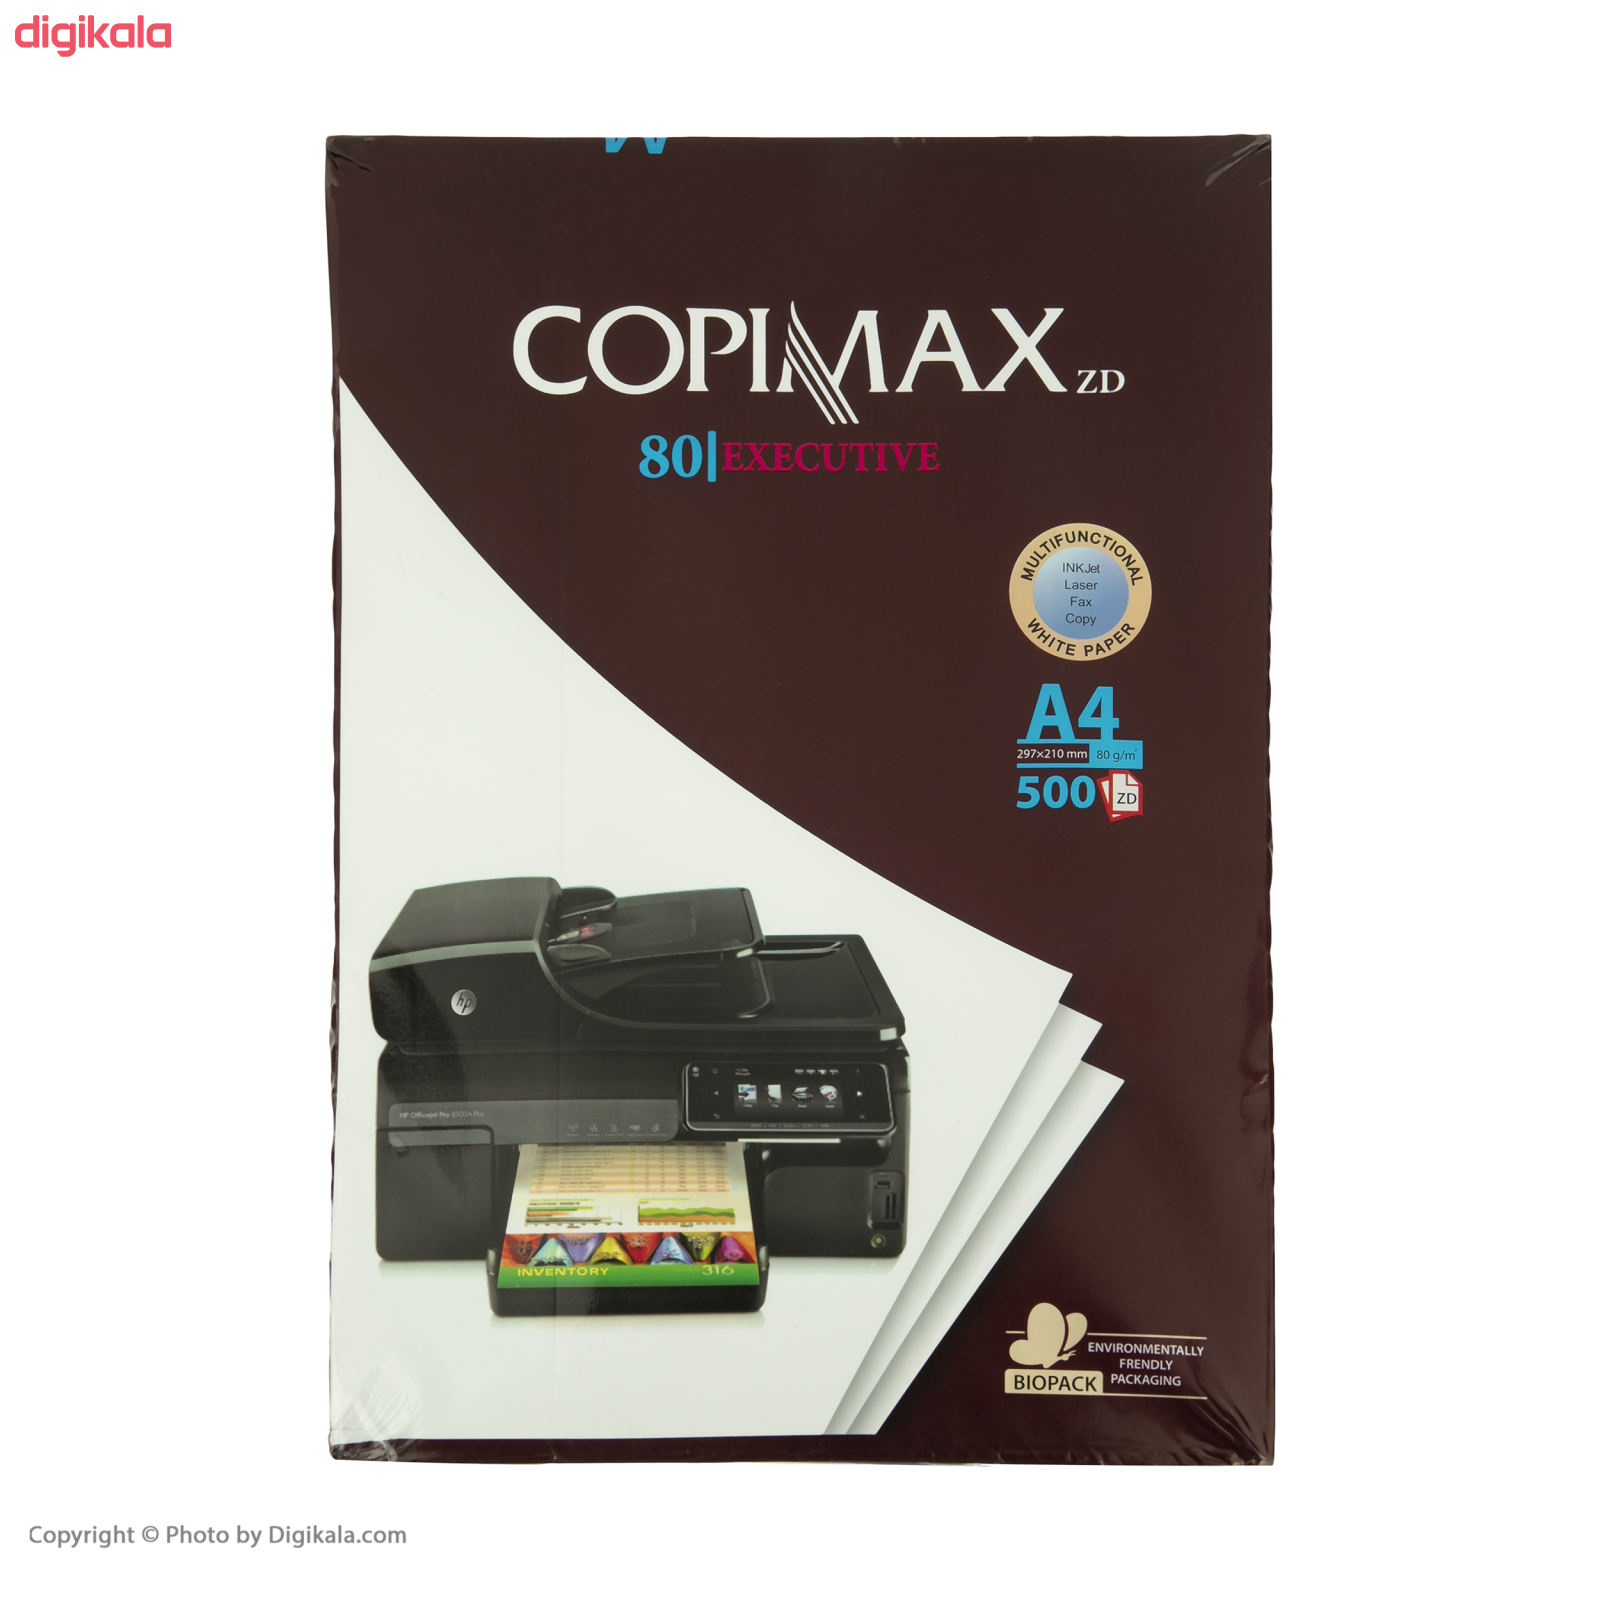 کاغذ کپی مکس سایز A4 بسته 500 عددی سایز 80 برگ main 1 5